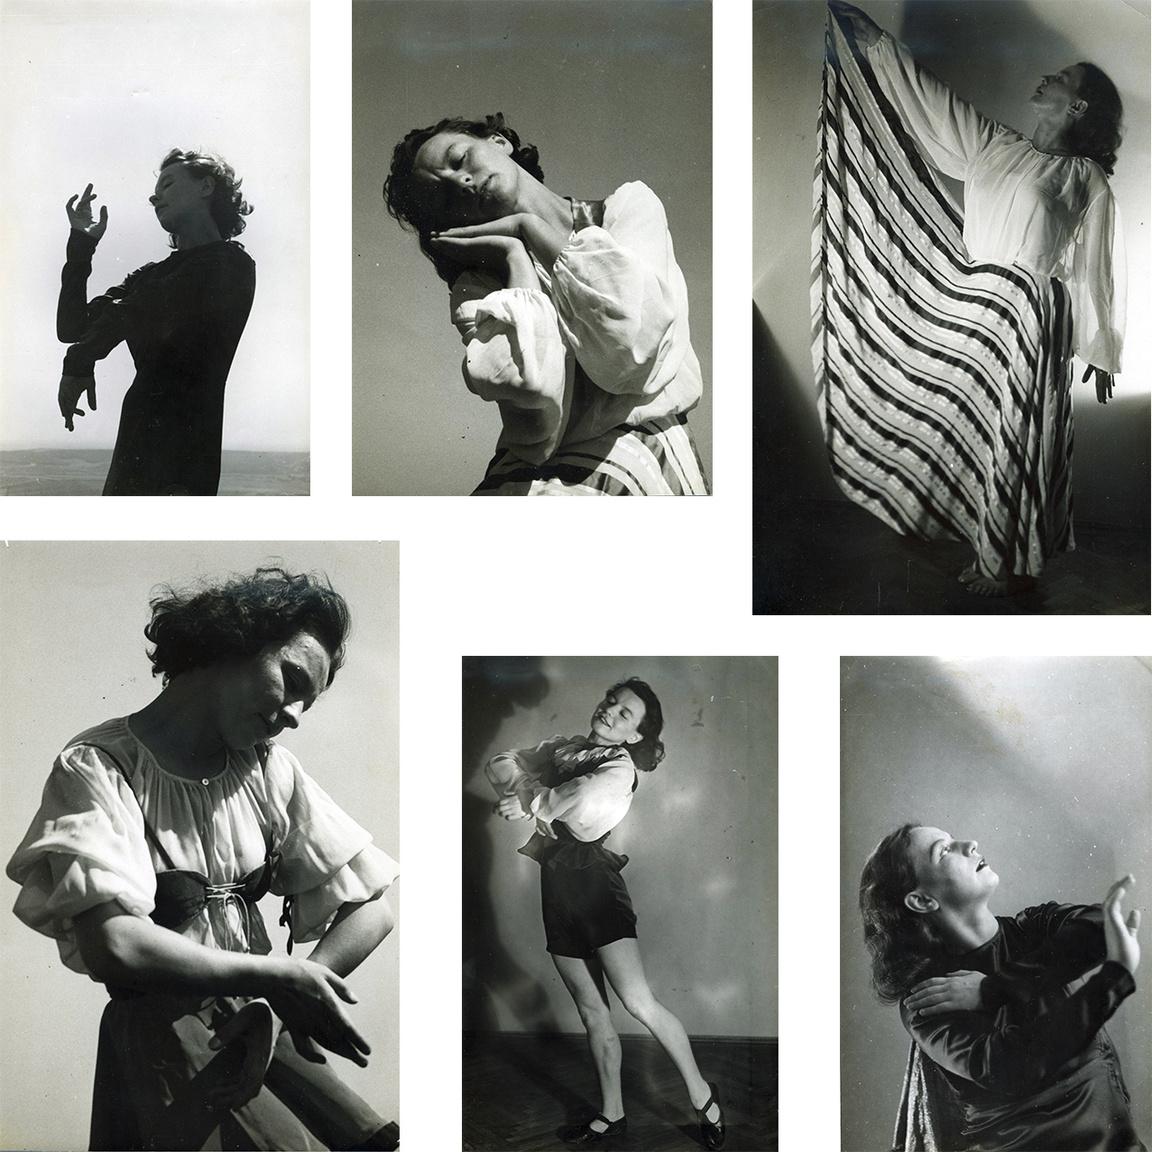 Nagy Etel Pozsonyban, Bécsben és Budapesten tanult tánc-és mozdulatművészetet, mielőtt saját iskoláját megnyitotta. Régi paraszti táncokból kiindulva hozta létre kortárs koreográfiáit.